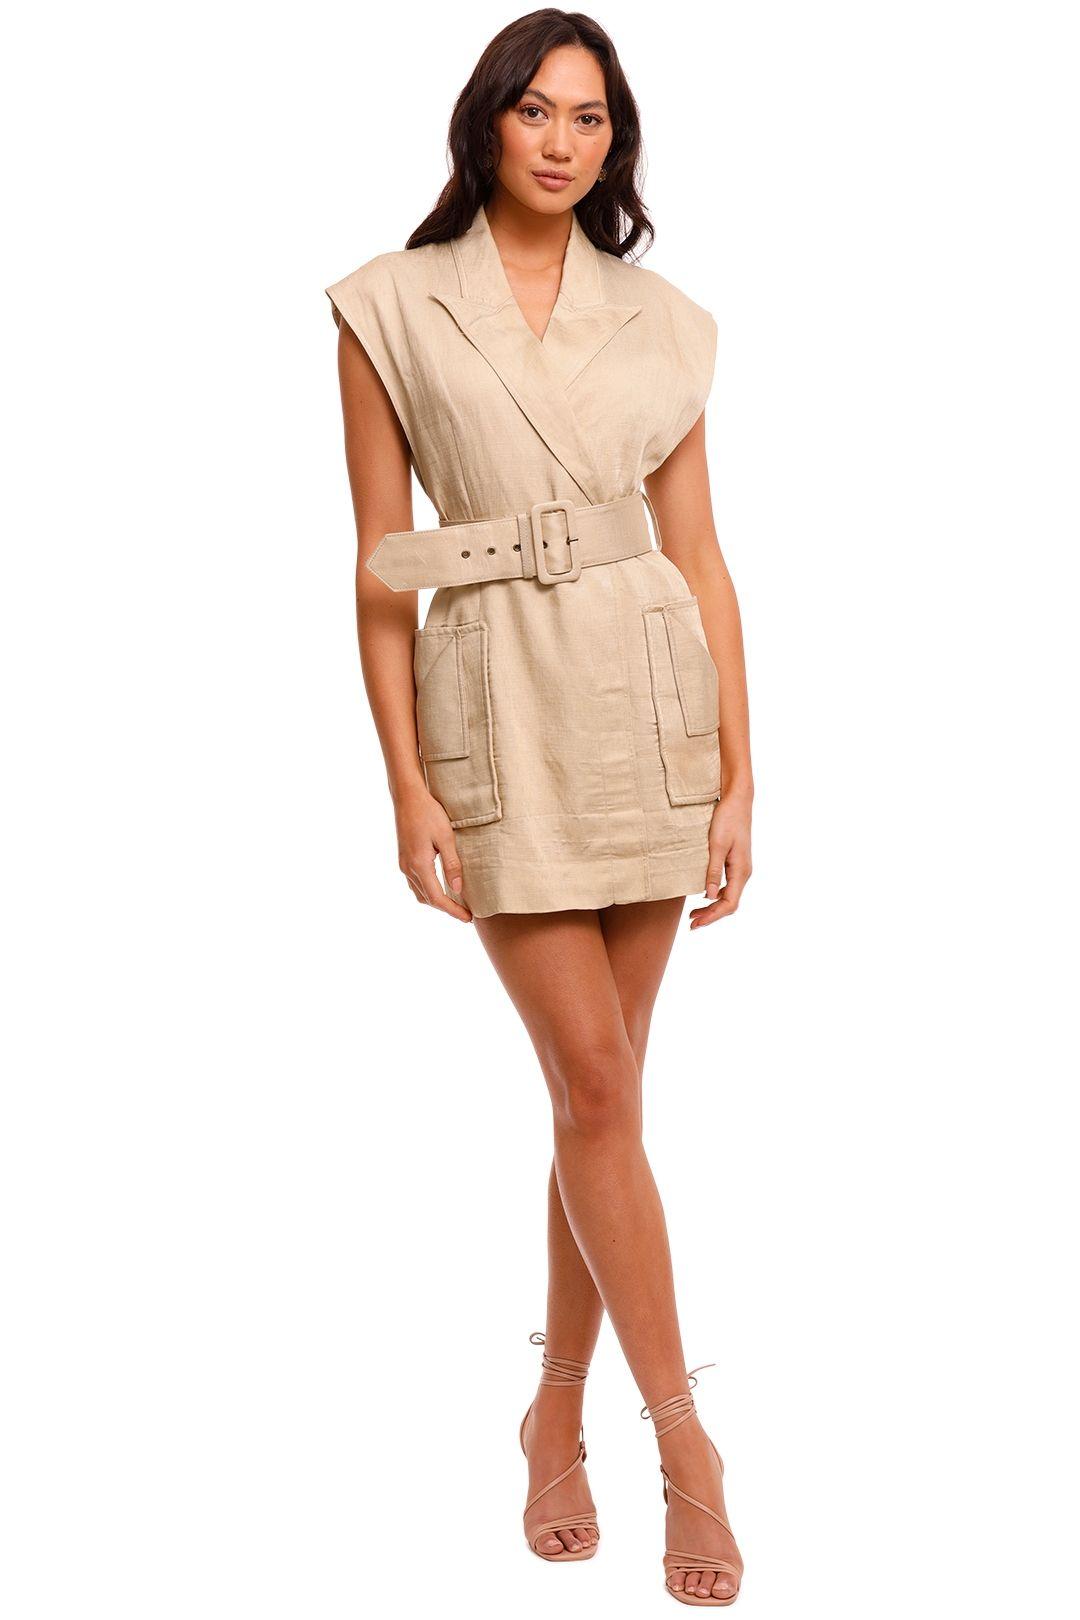 Shona Joy Blazer Mini Dress Pistachio